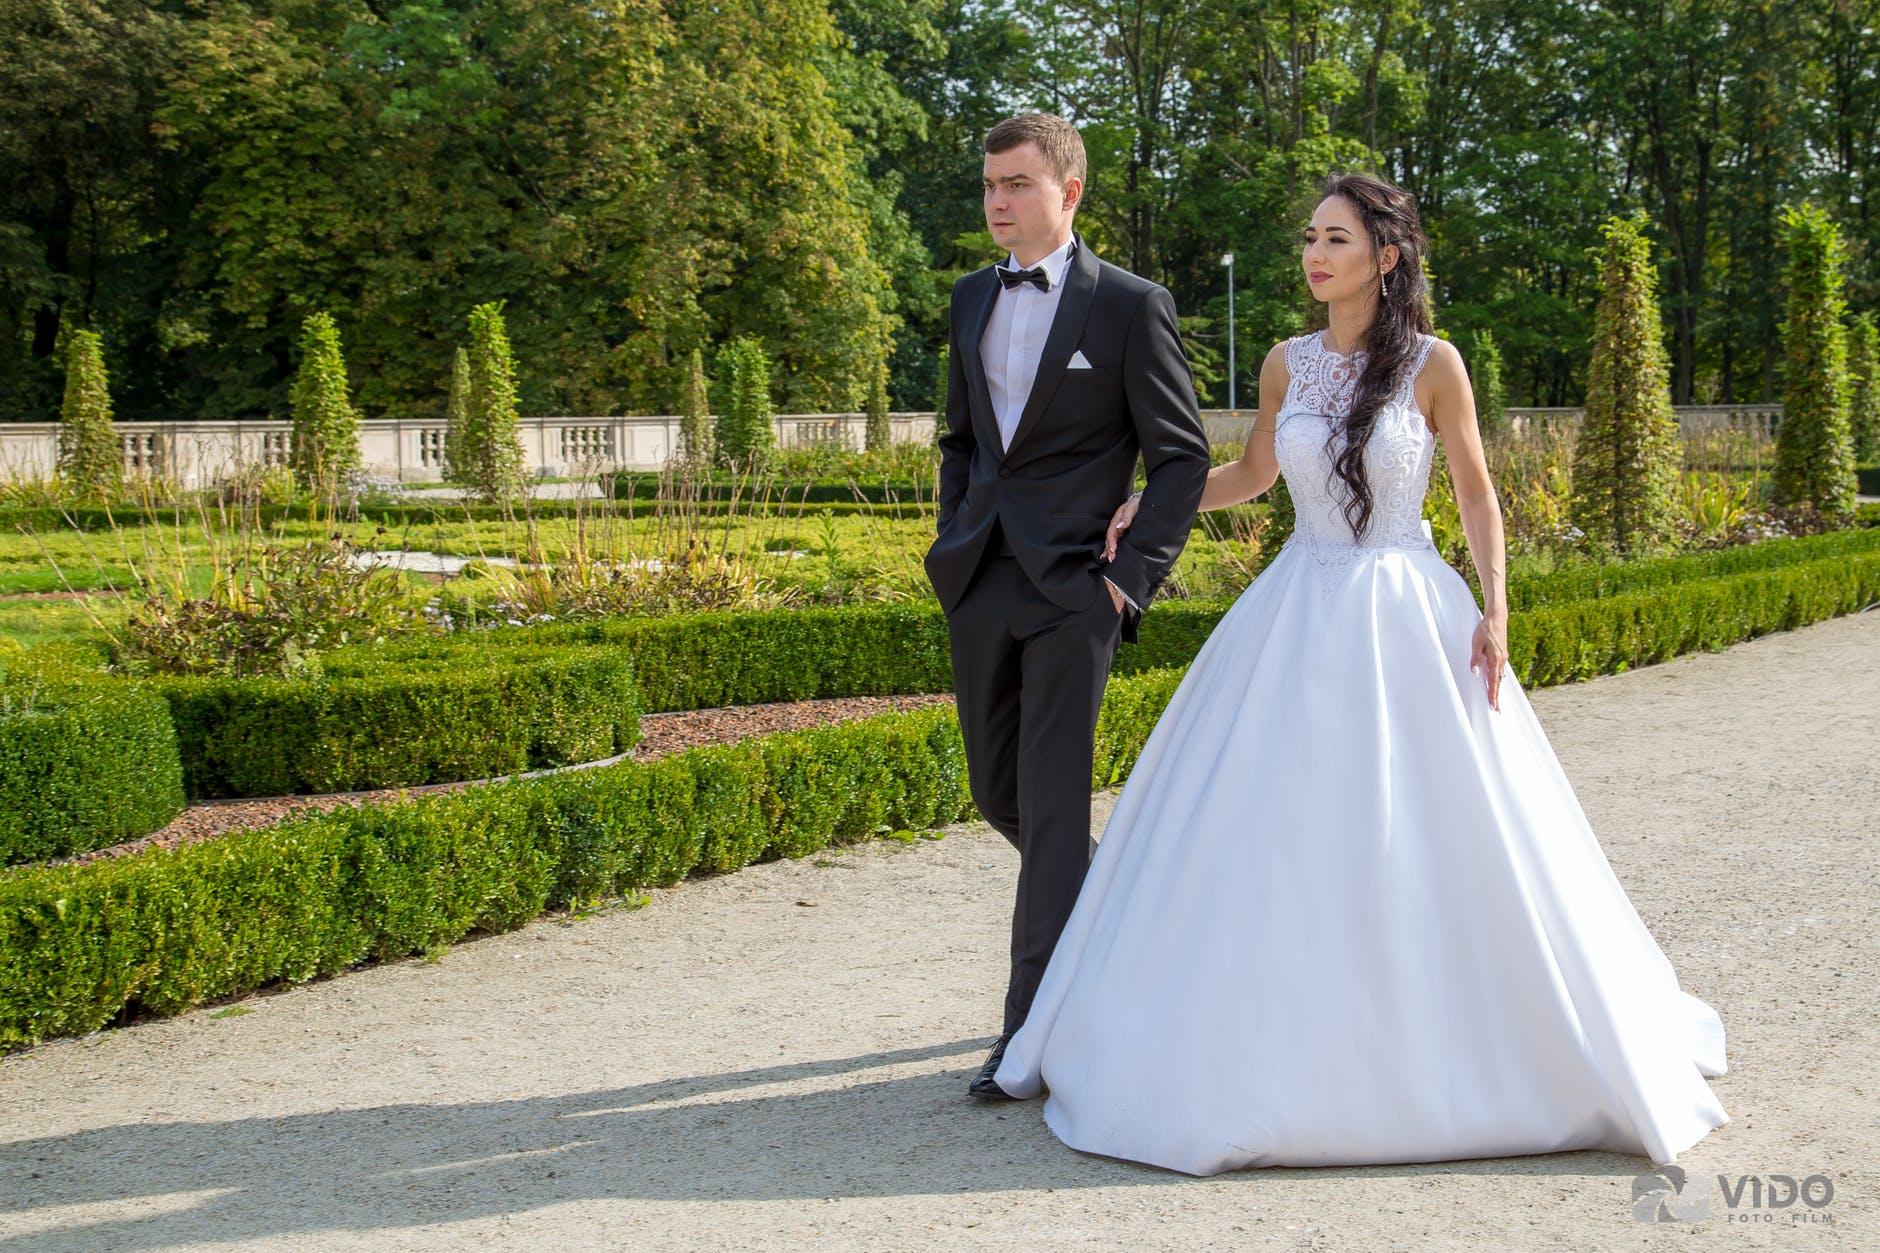 Tout ce qu'il faut savoir pour choisir un photographe de mariage